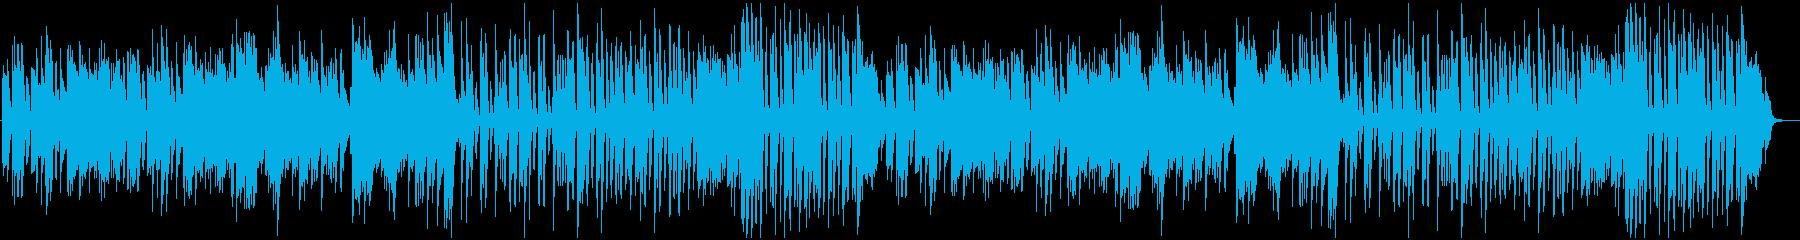 おしゃれなピアノワルツの再生済みの波形